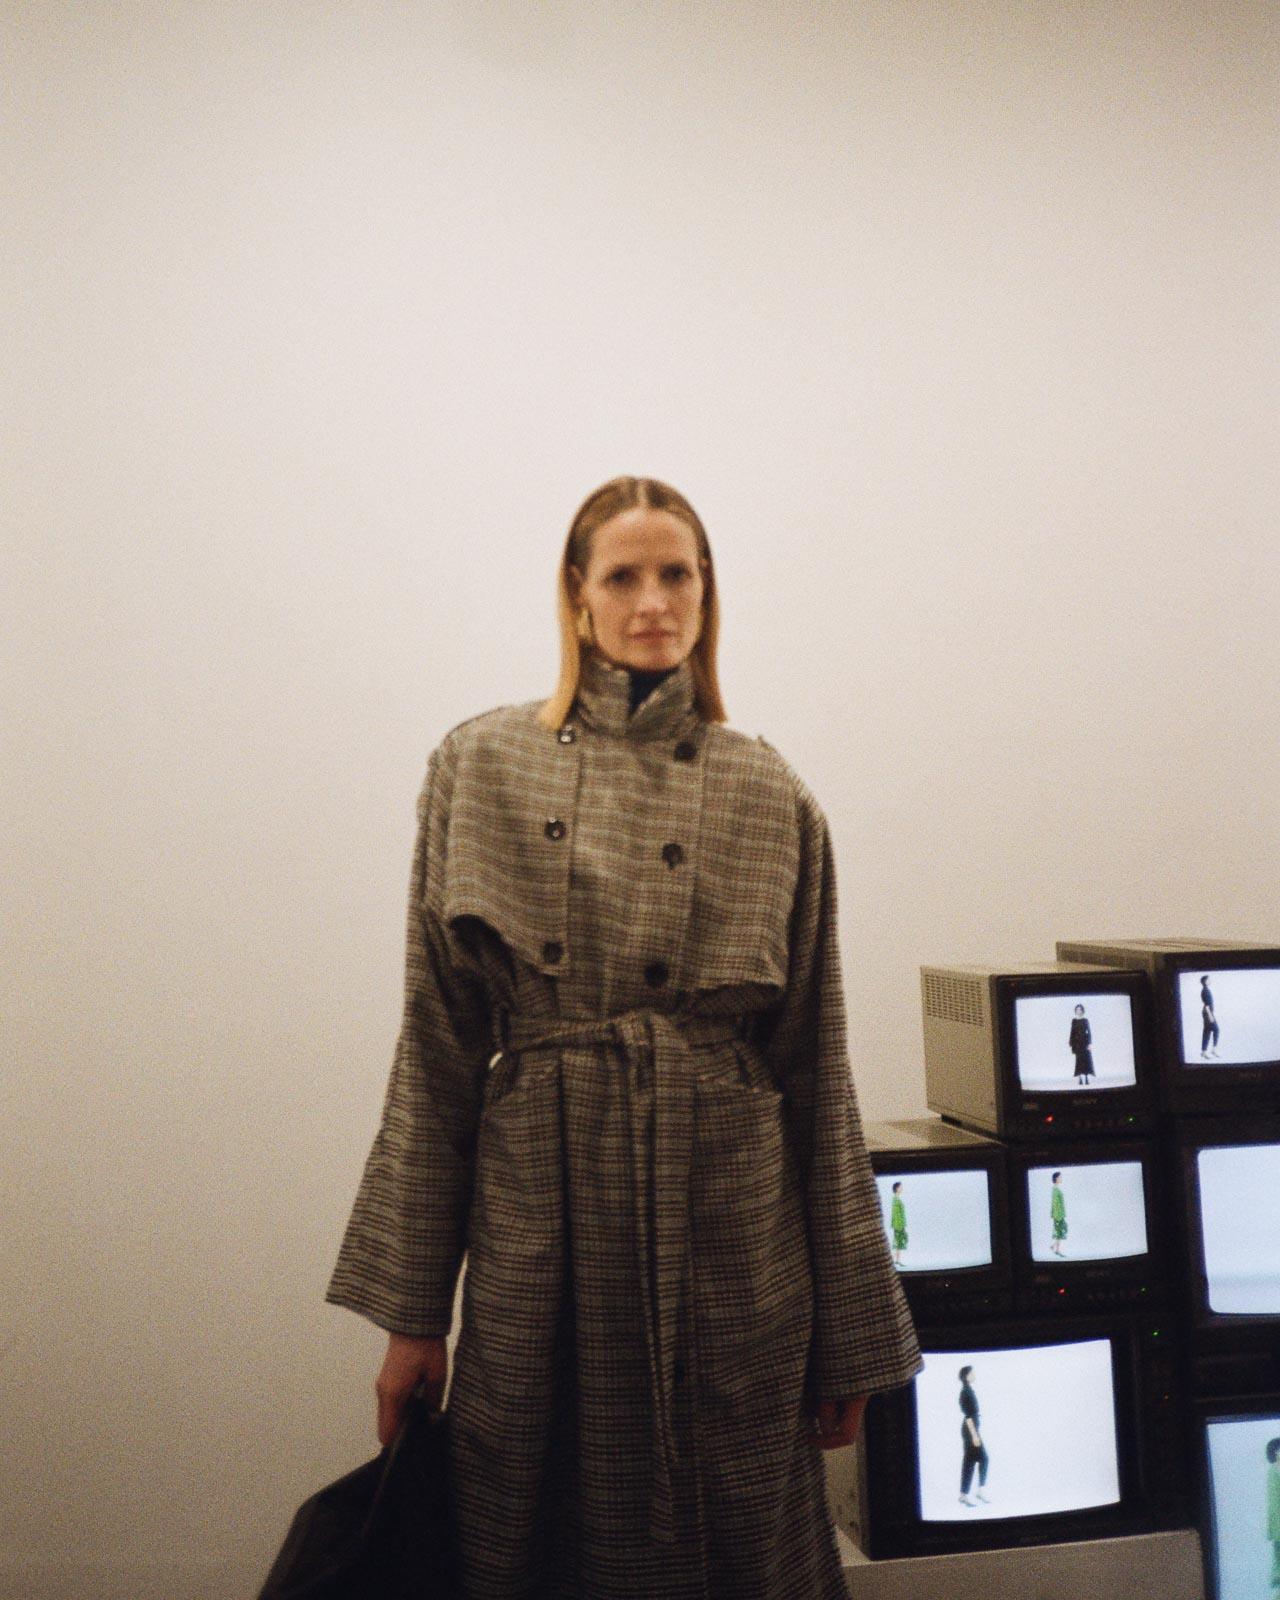 Gestuz AW20 Präsentation Copenhagen Fashion Week checked trench coat